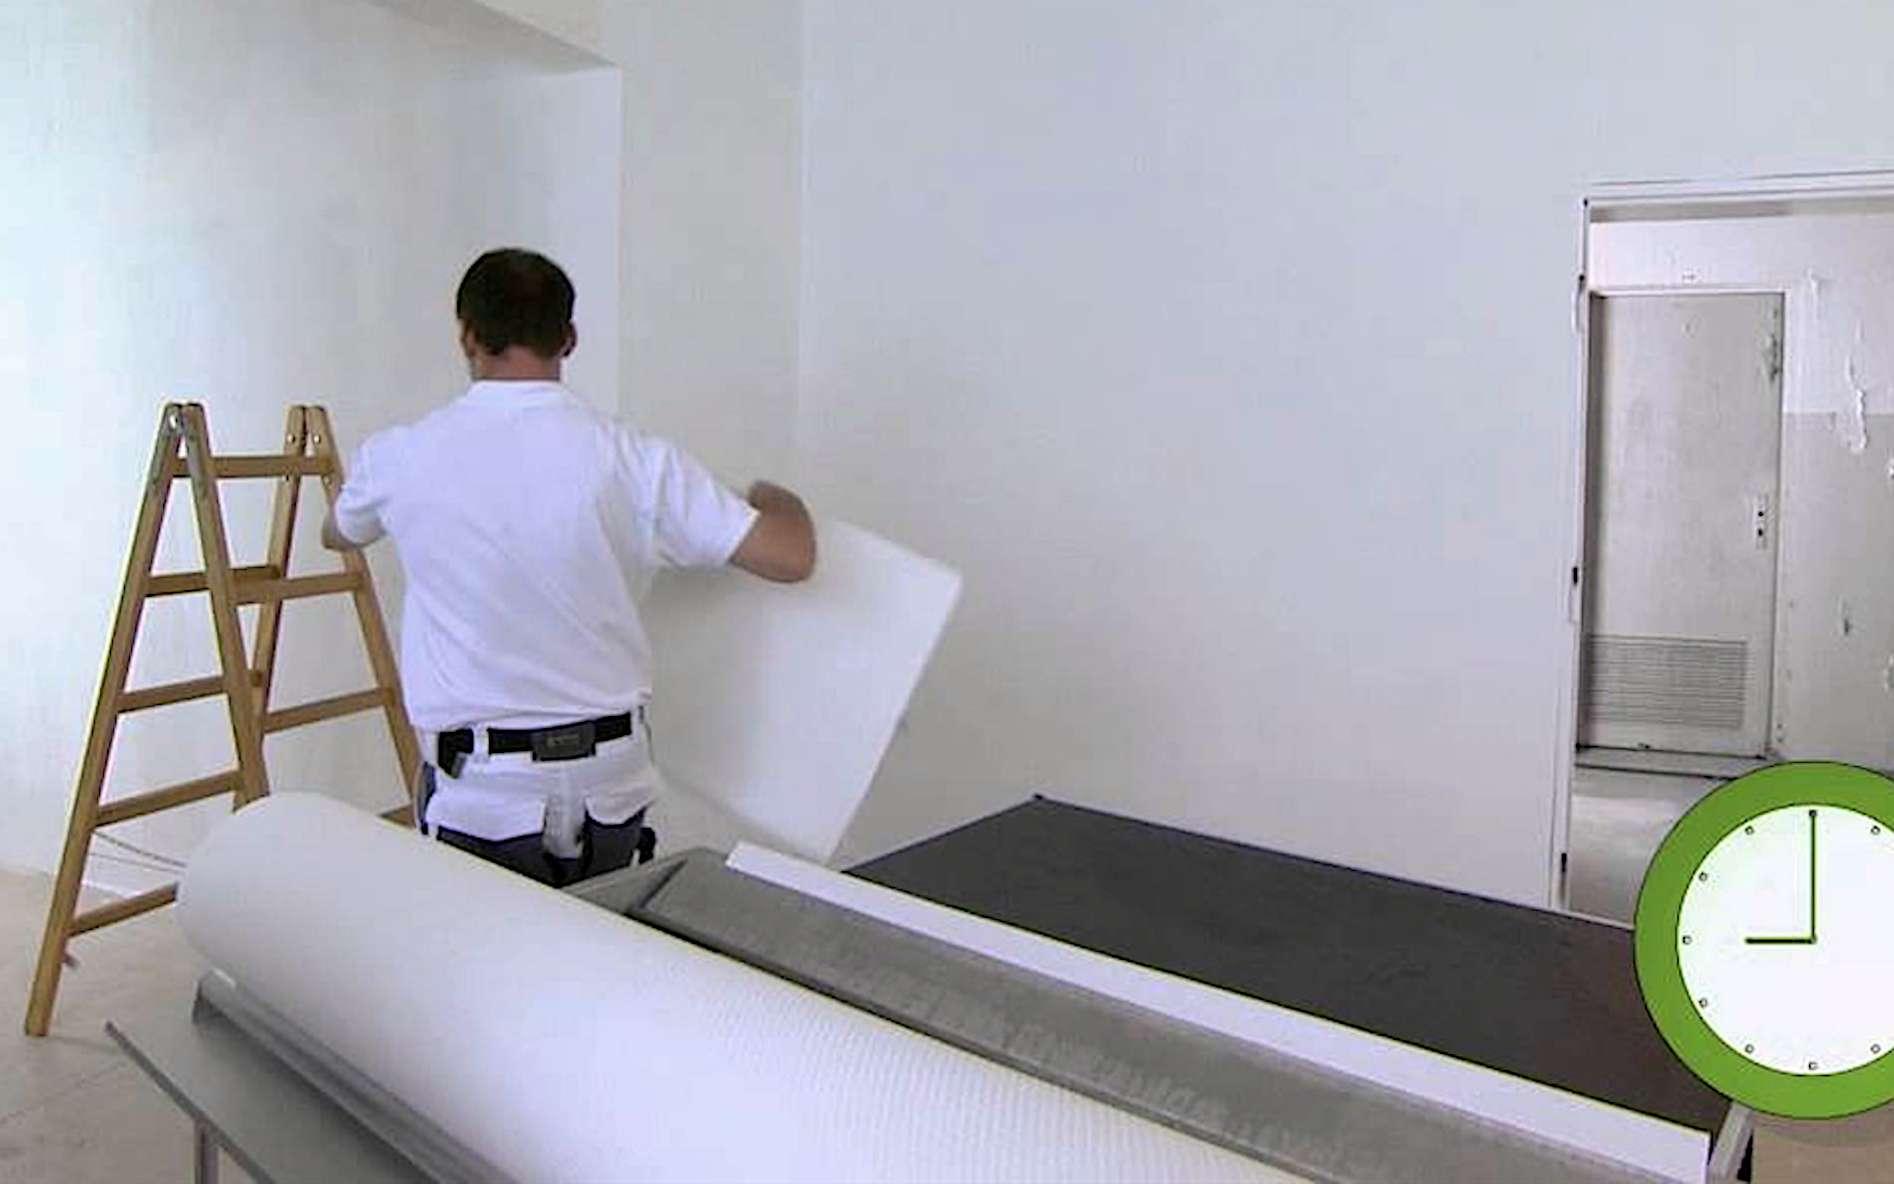 Les étapes à connaître avant de se lancer dans des travaux de rénovation. © Systexx